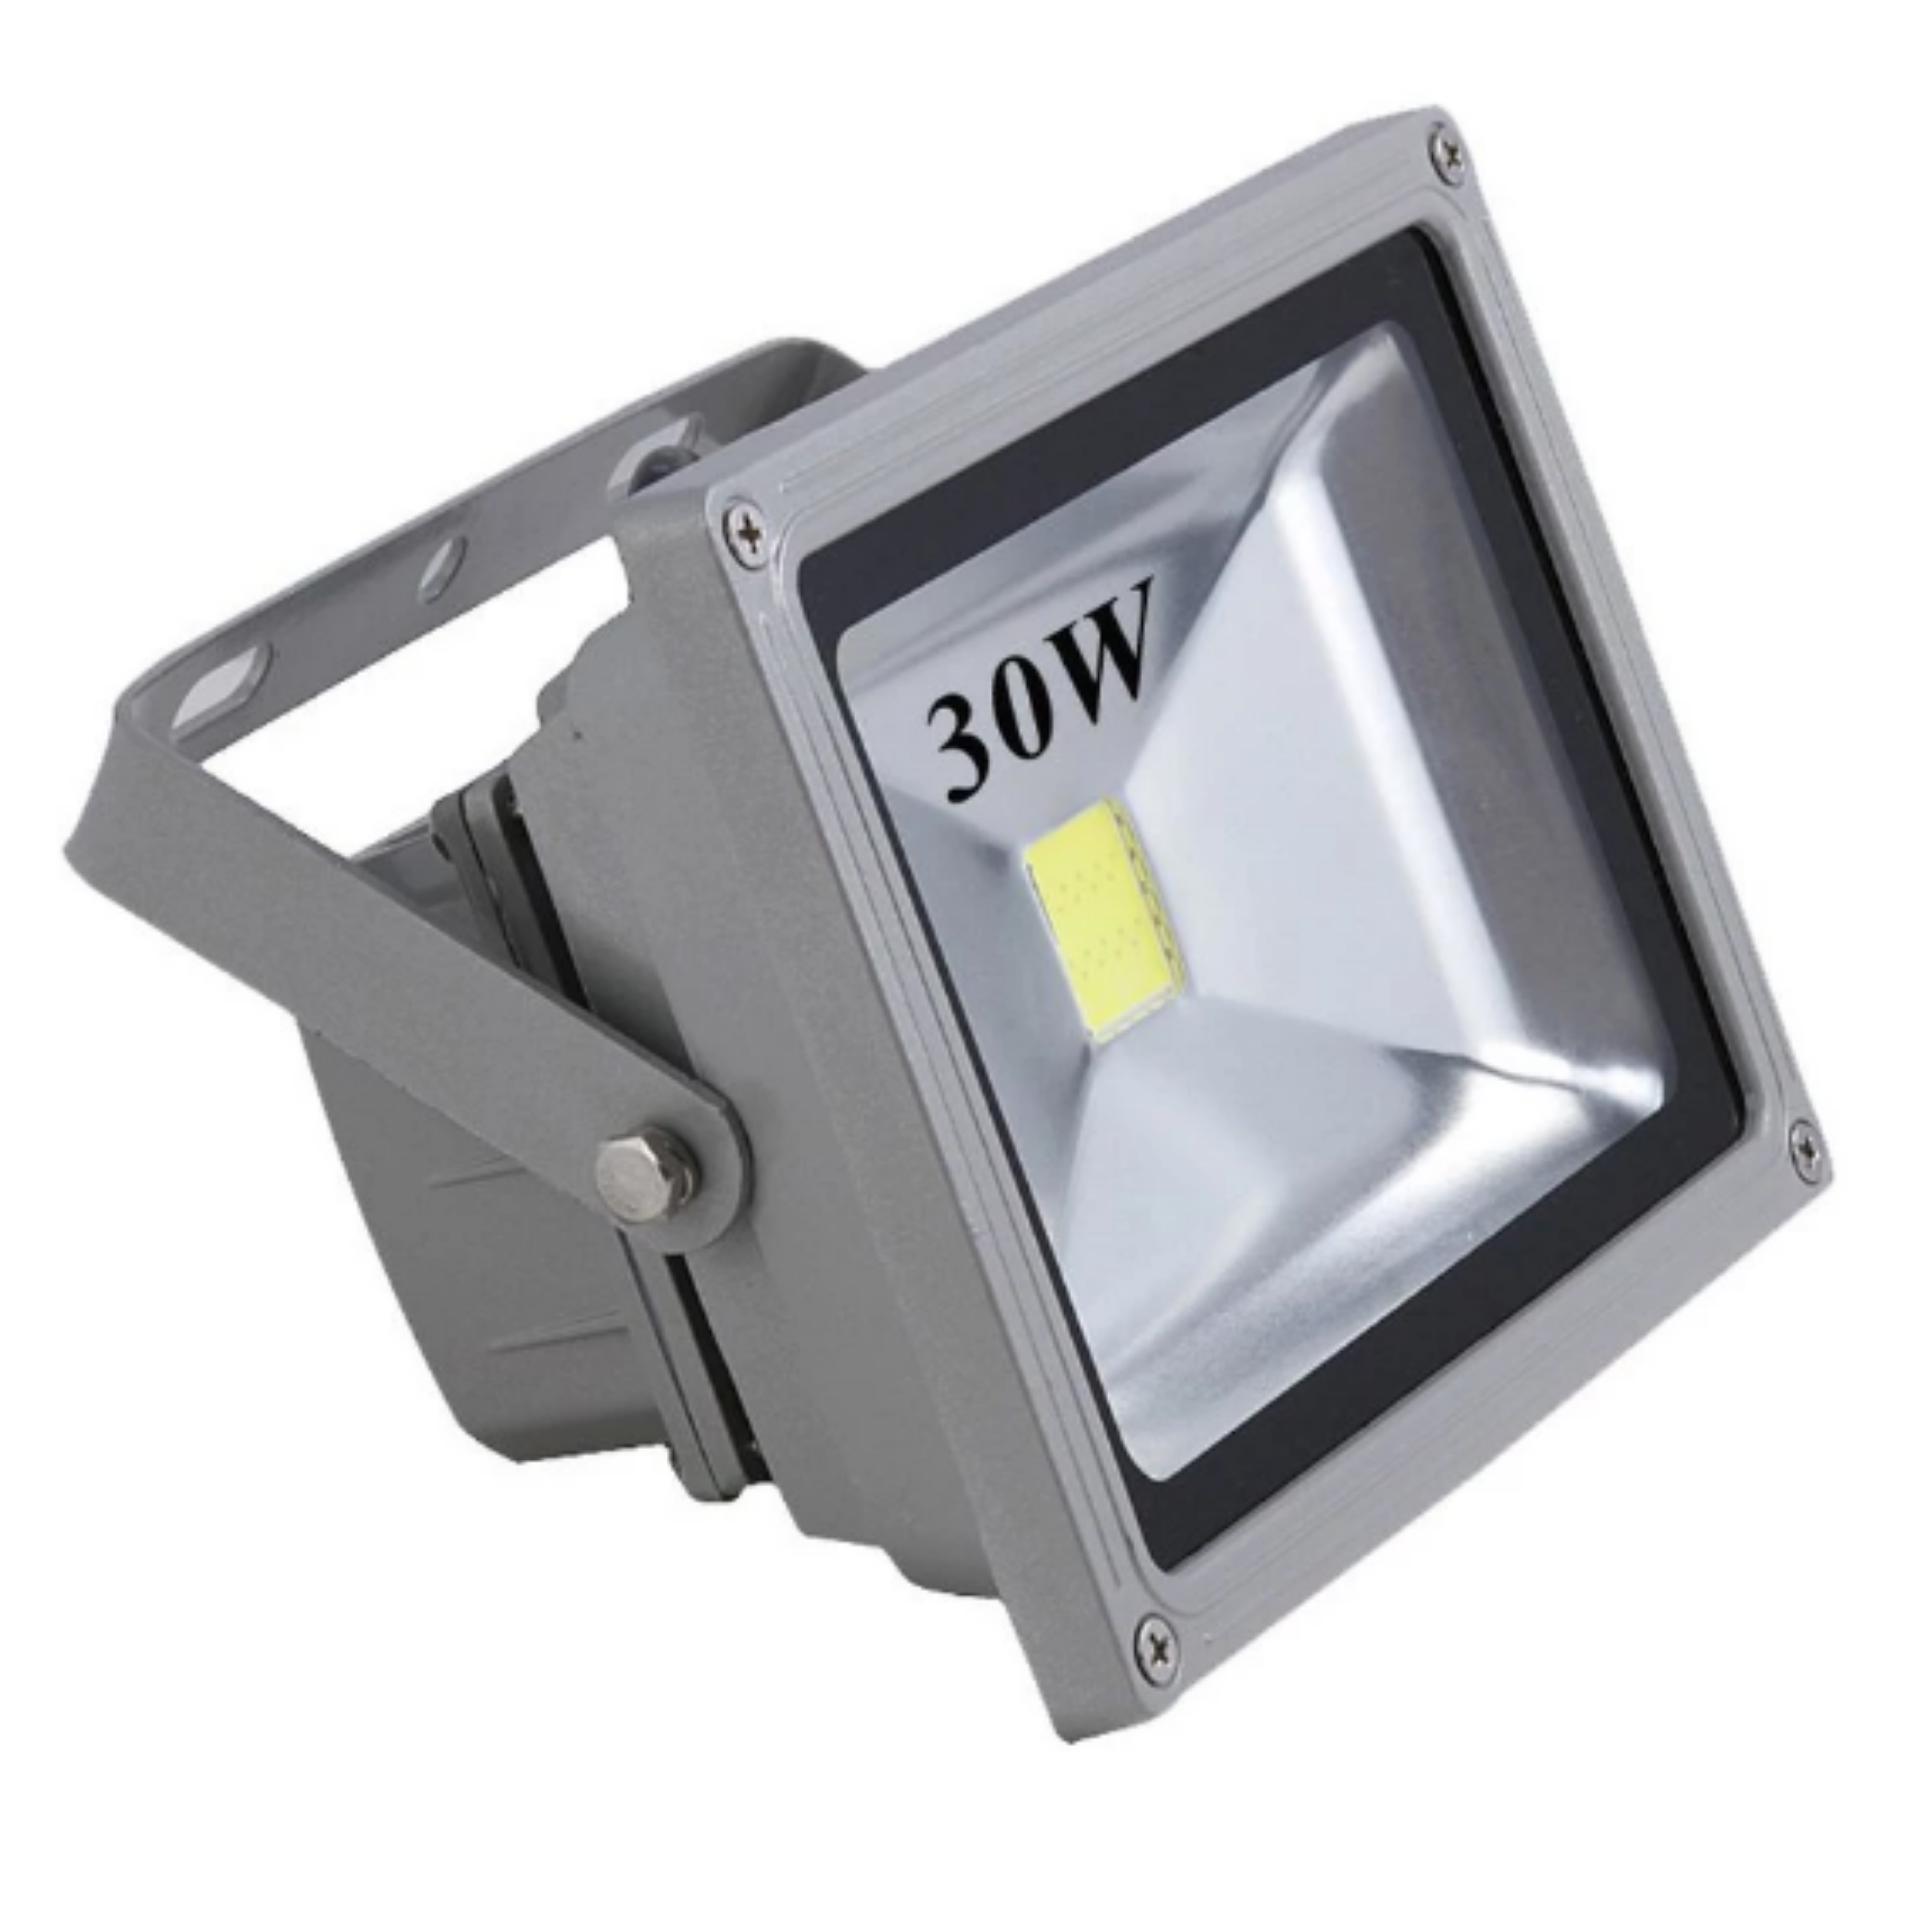 Đèn pha LED công suất 30W (Ánh sáng vàng)